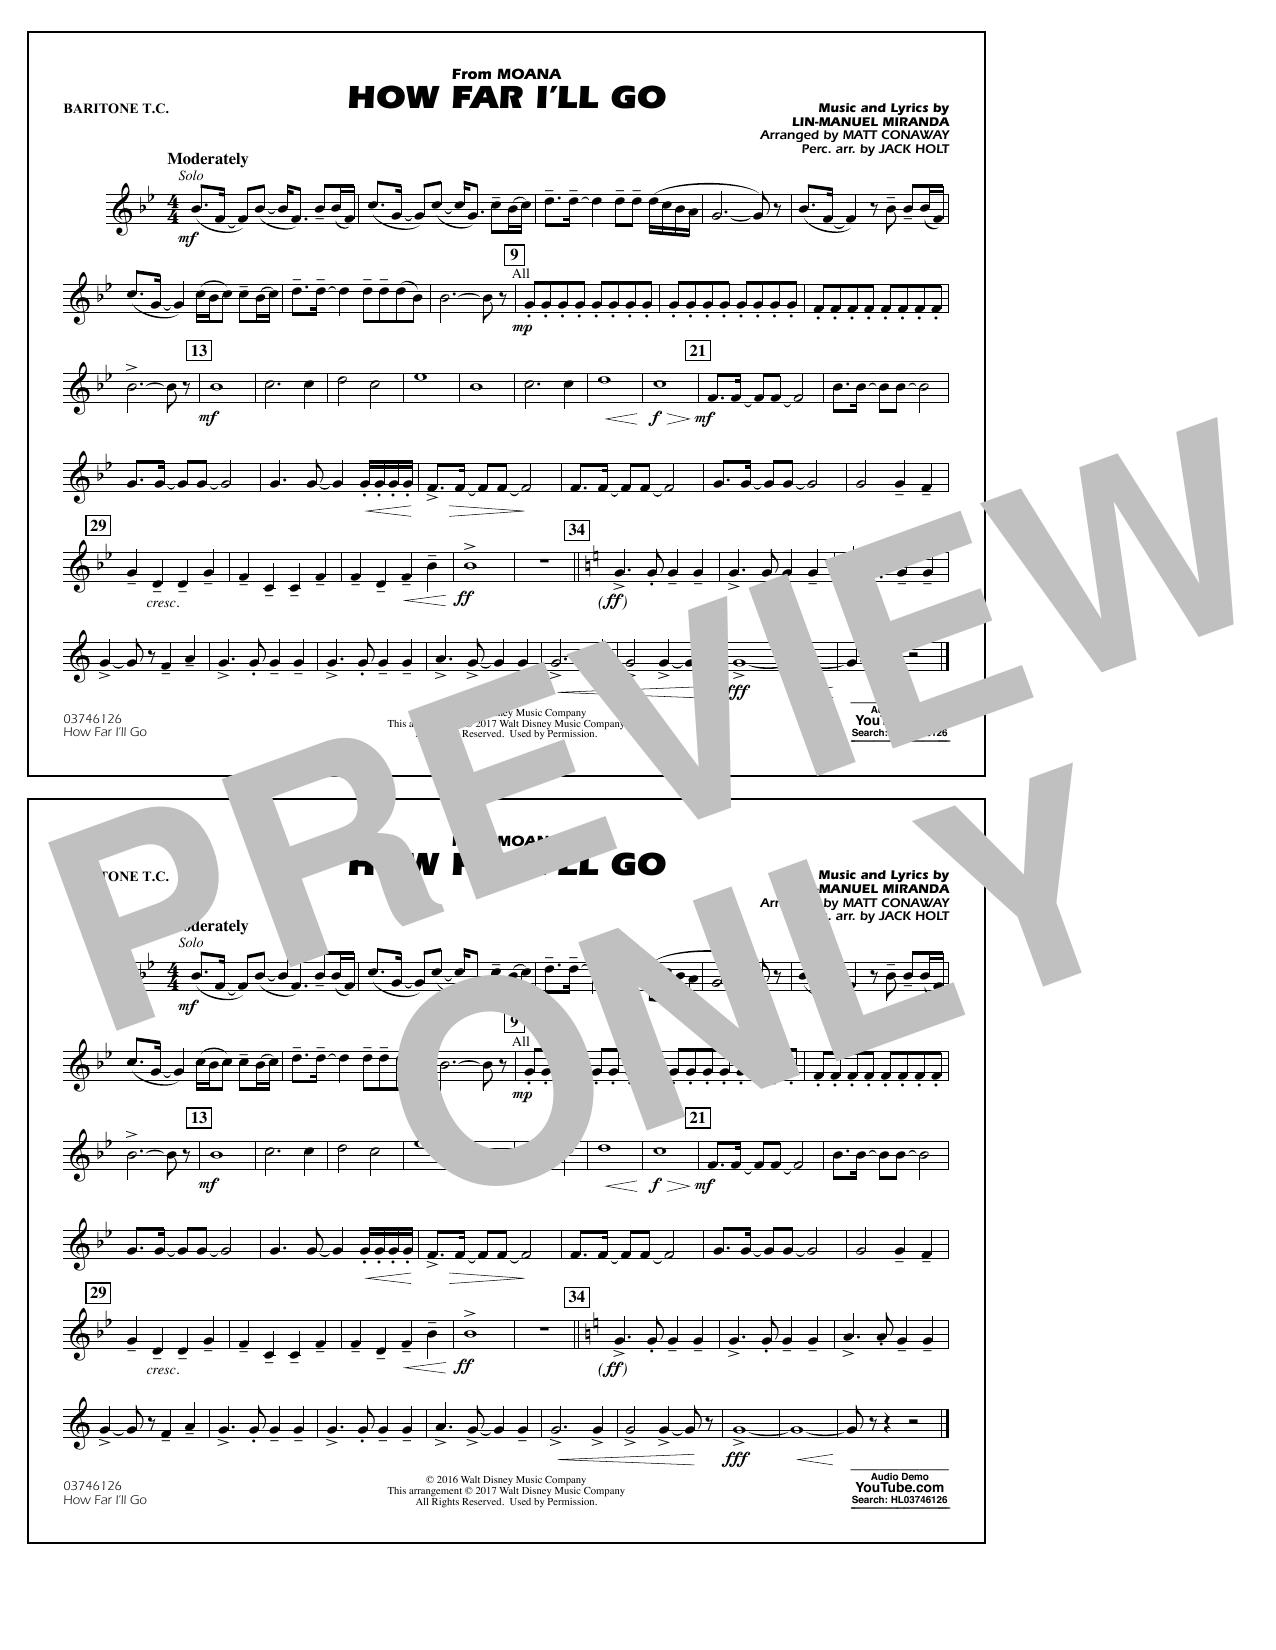 How Far I'll Go (from Moana) - Baritone T.C. Sheet Music